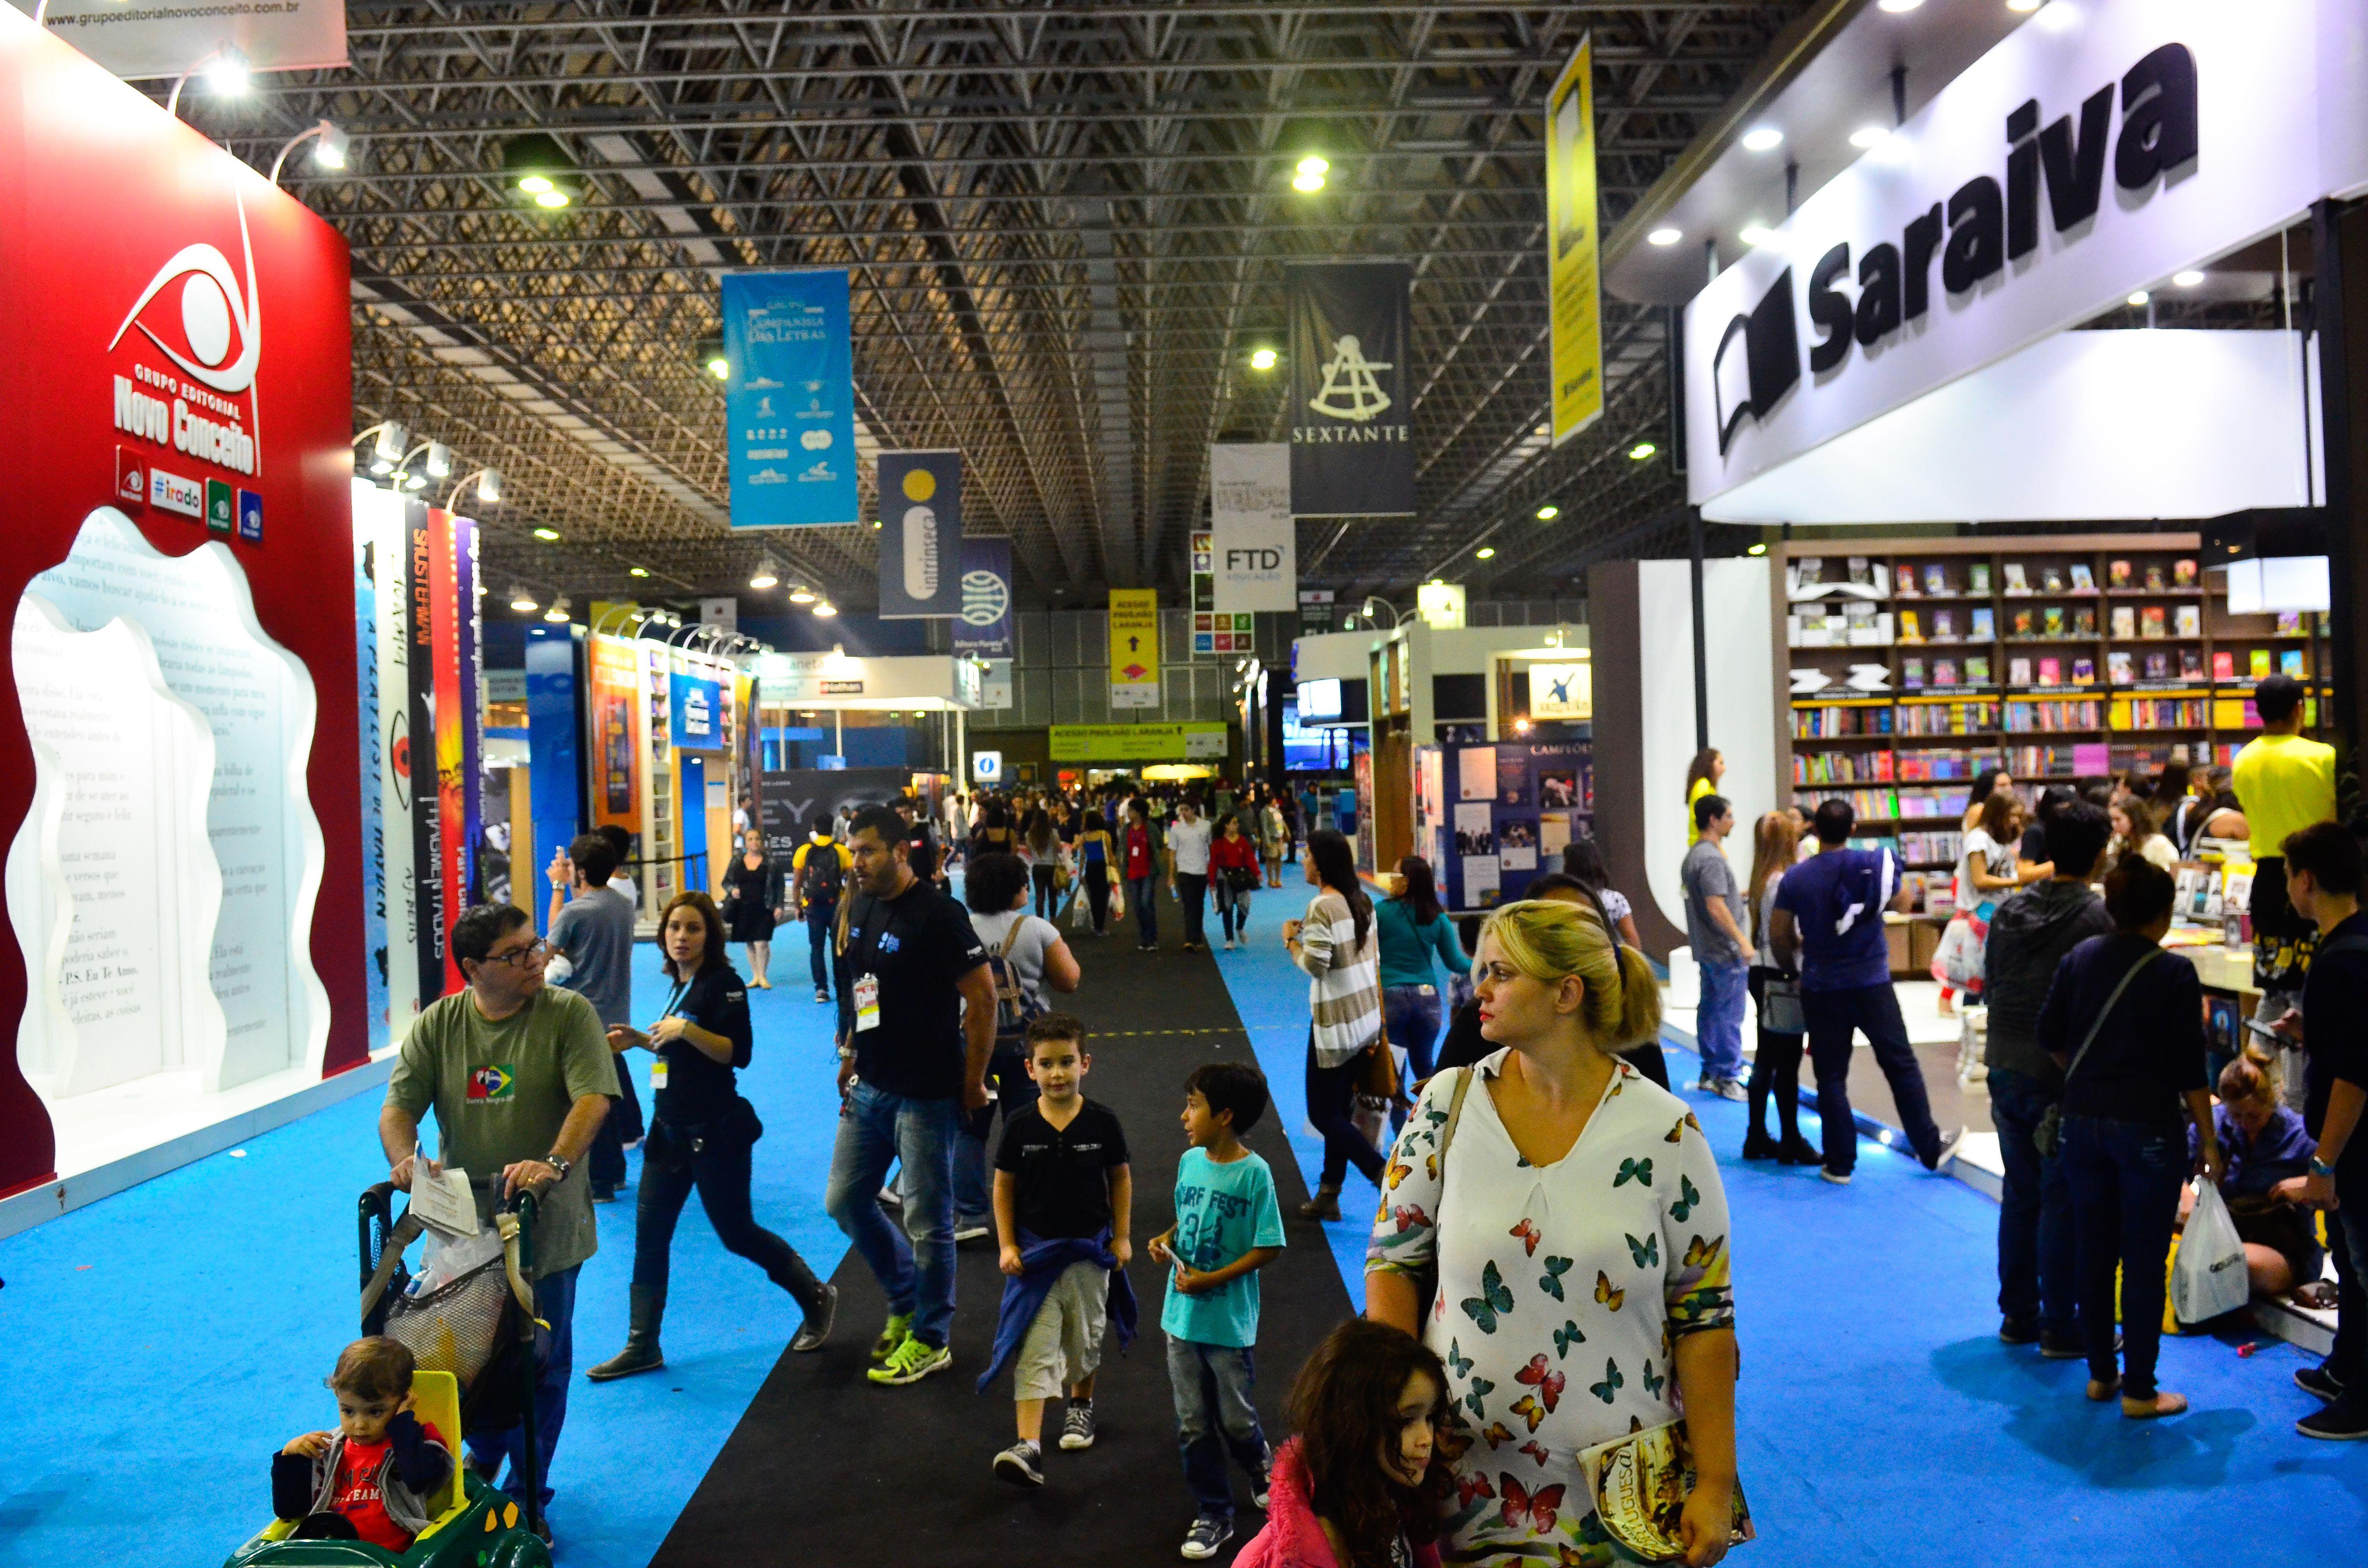 Beco na Bienal: Bem-vindos a 28ª Bienal do Livro do Rio de